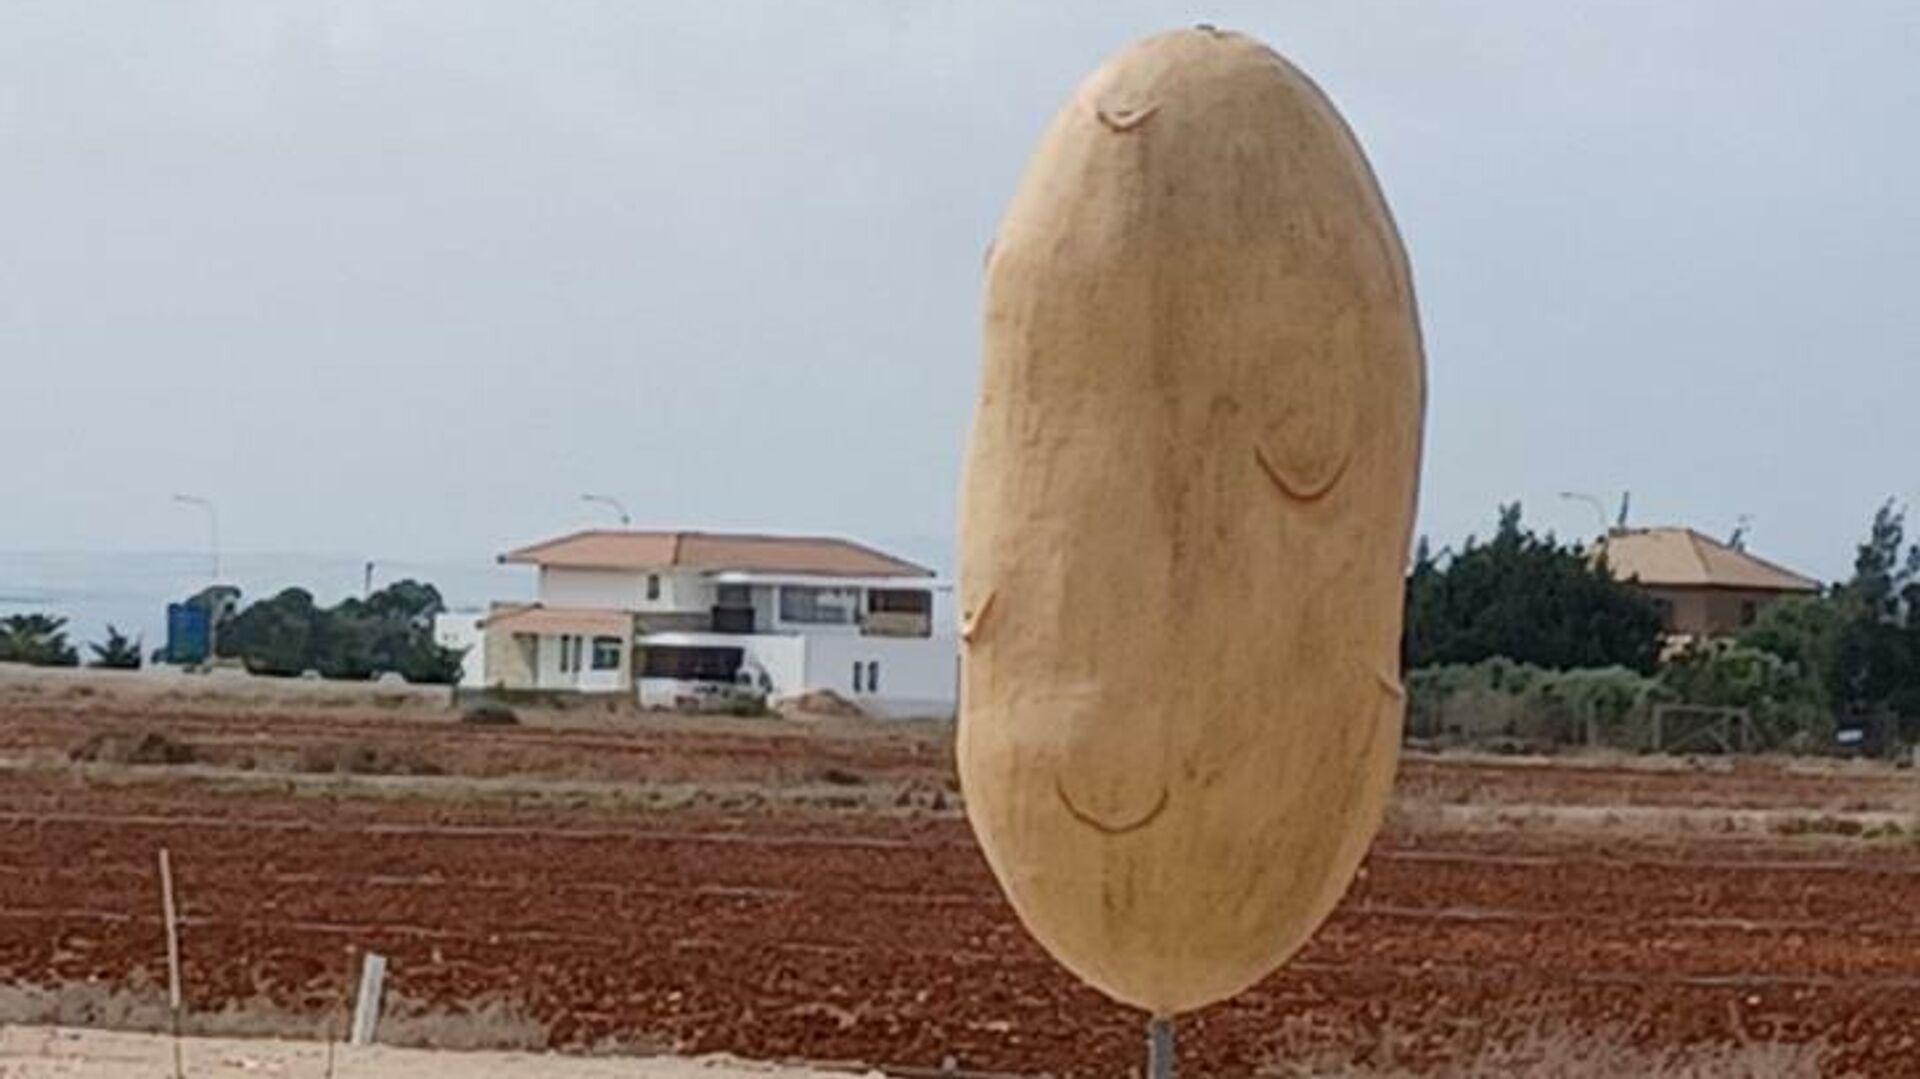 Μνημείο πατάτας σε χωριό στην Κύπρο - Sputnik Ελλάδα, 1920, 13.10.2021